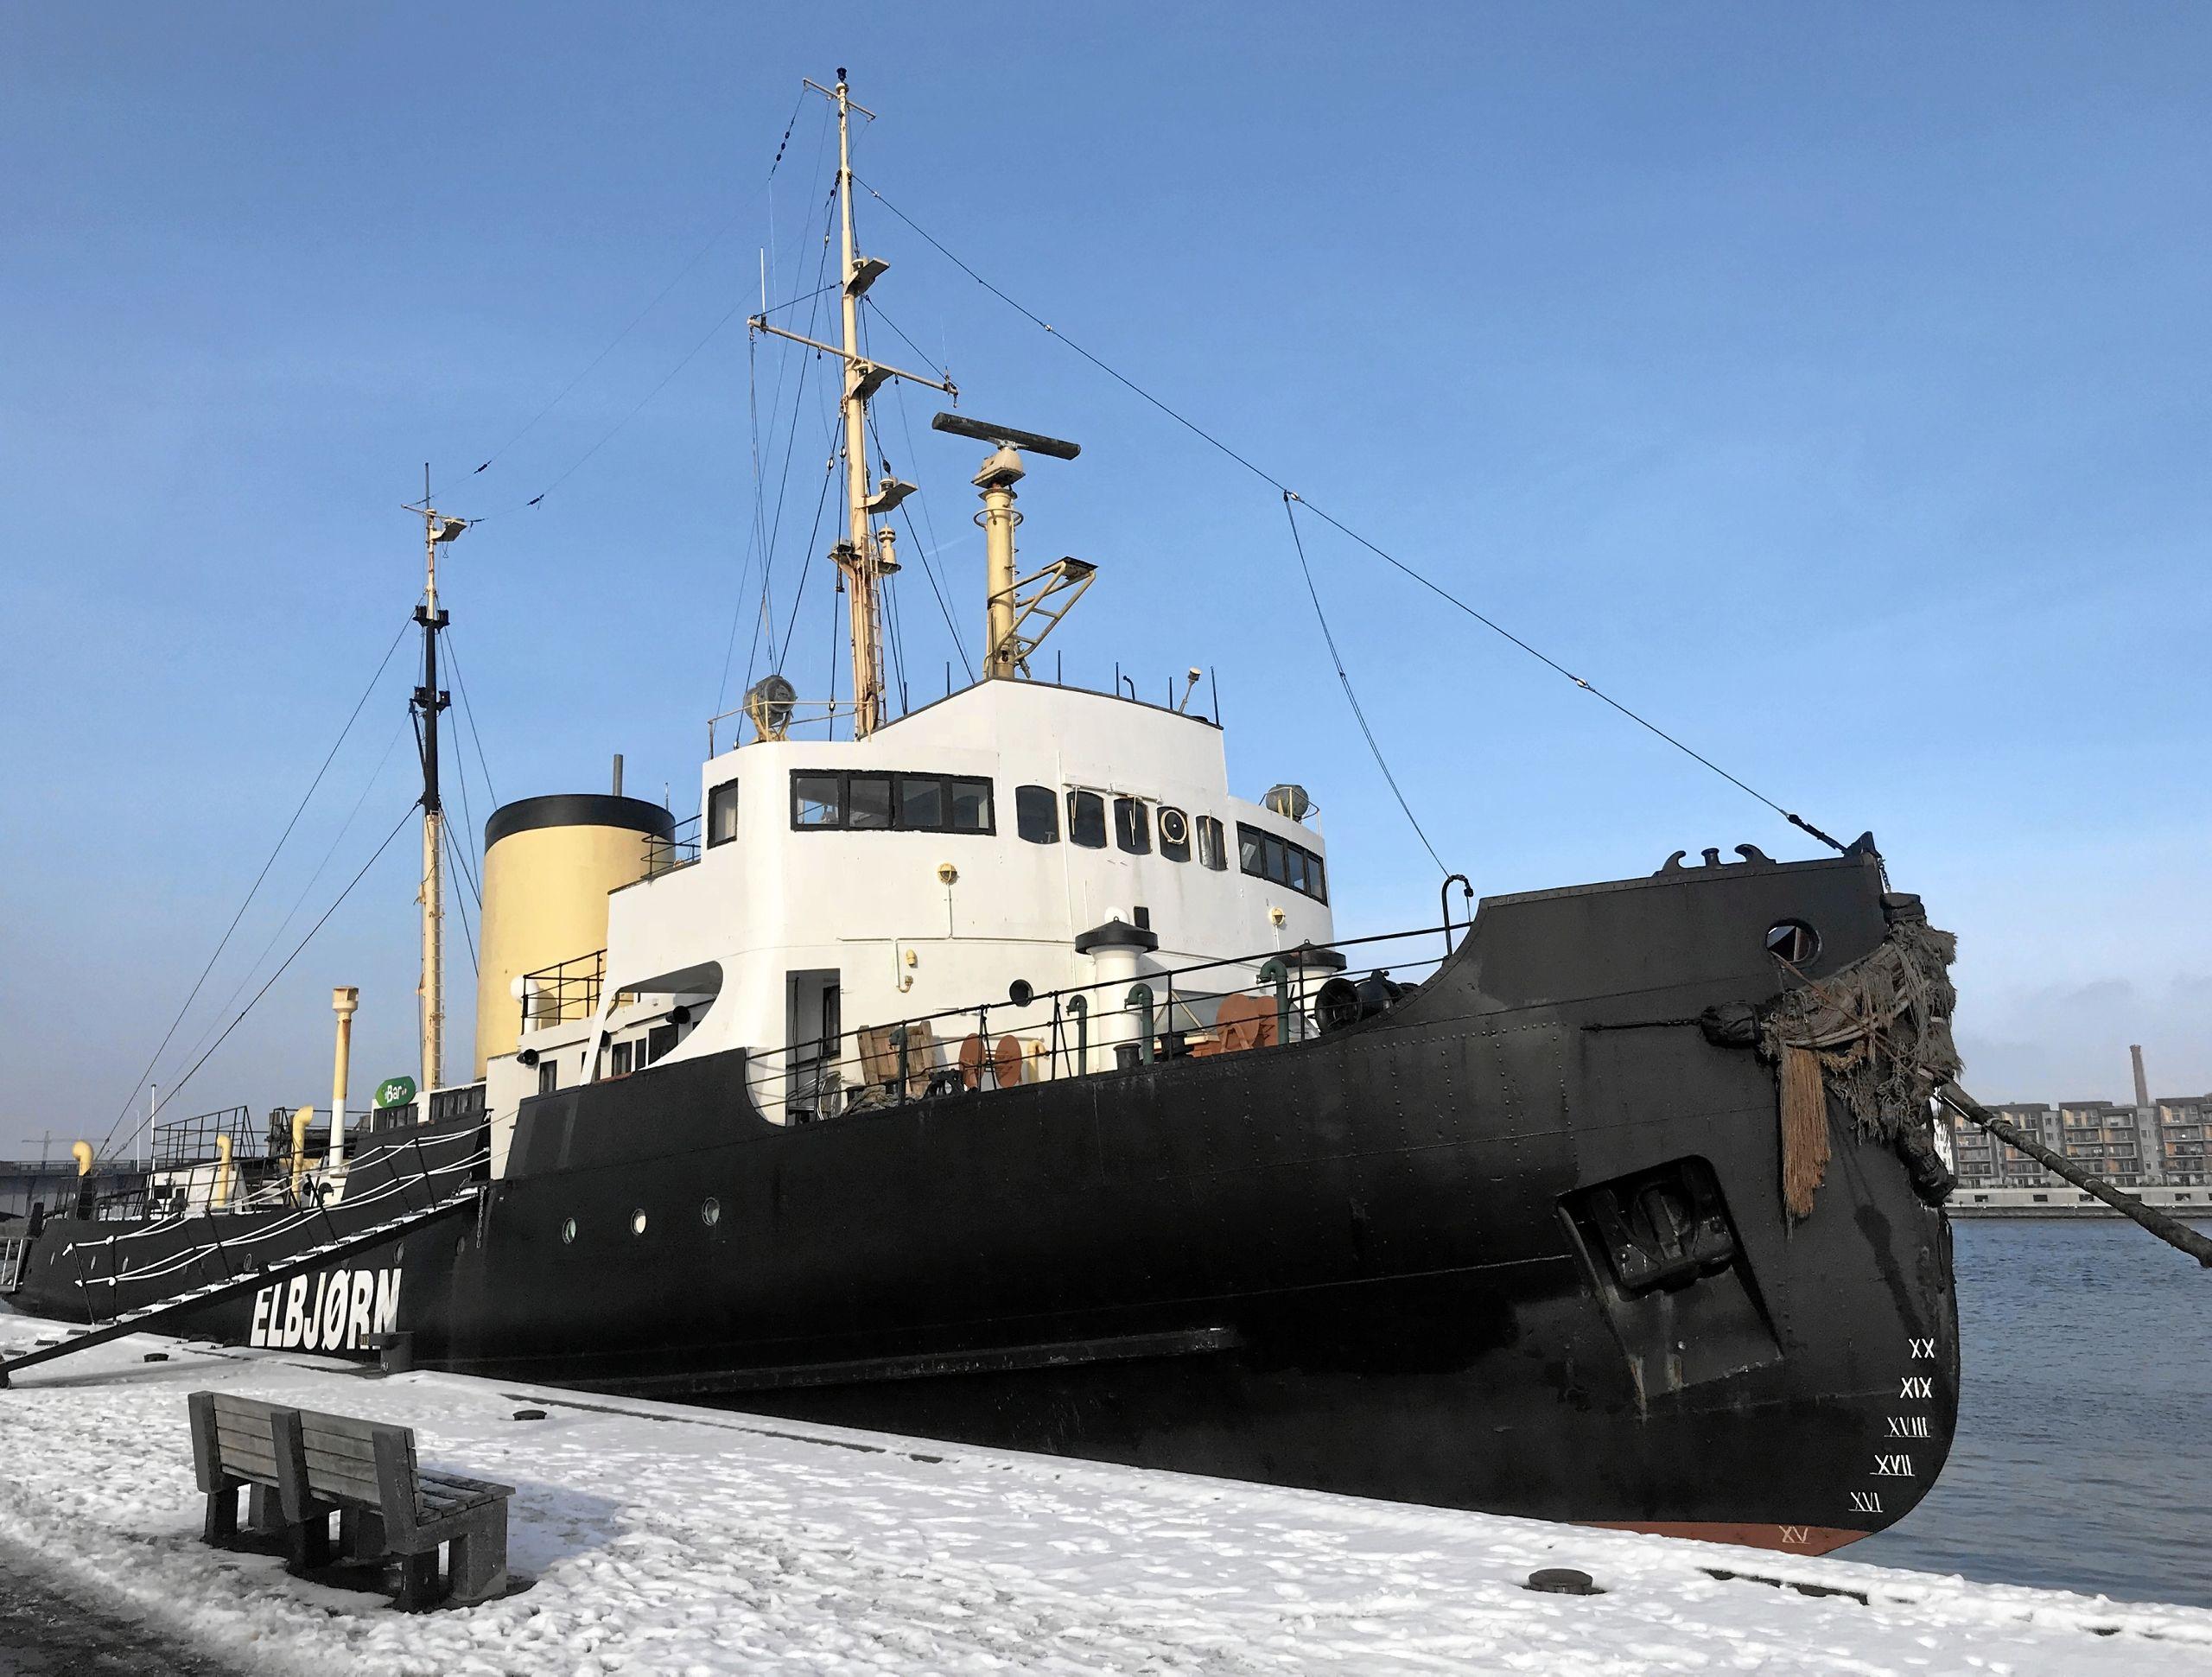 Isbryderen Elbjørn ligger øde og forladt hen ved kajen i Aalborg Havn, og dens videre skæbne er i den grad uvis al den stund, at ejerselskabet bag skibet er under konkursbehandling. Arkivfoto: Torben O. Andersen